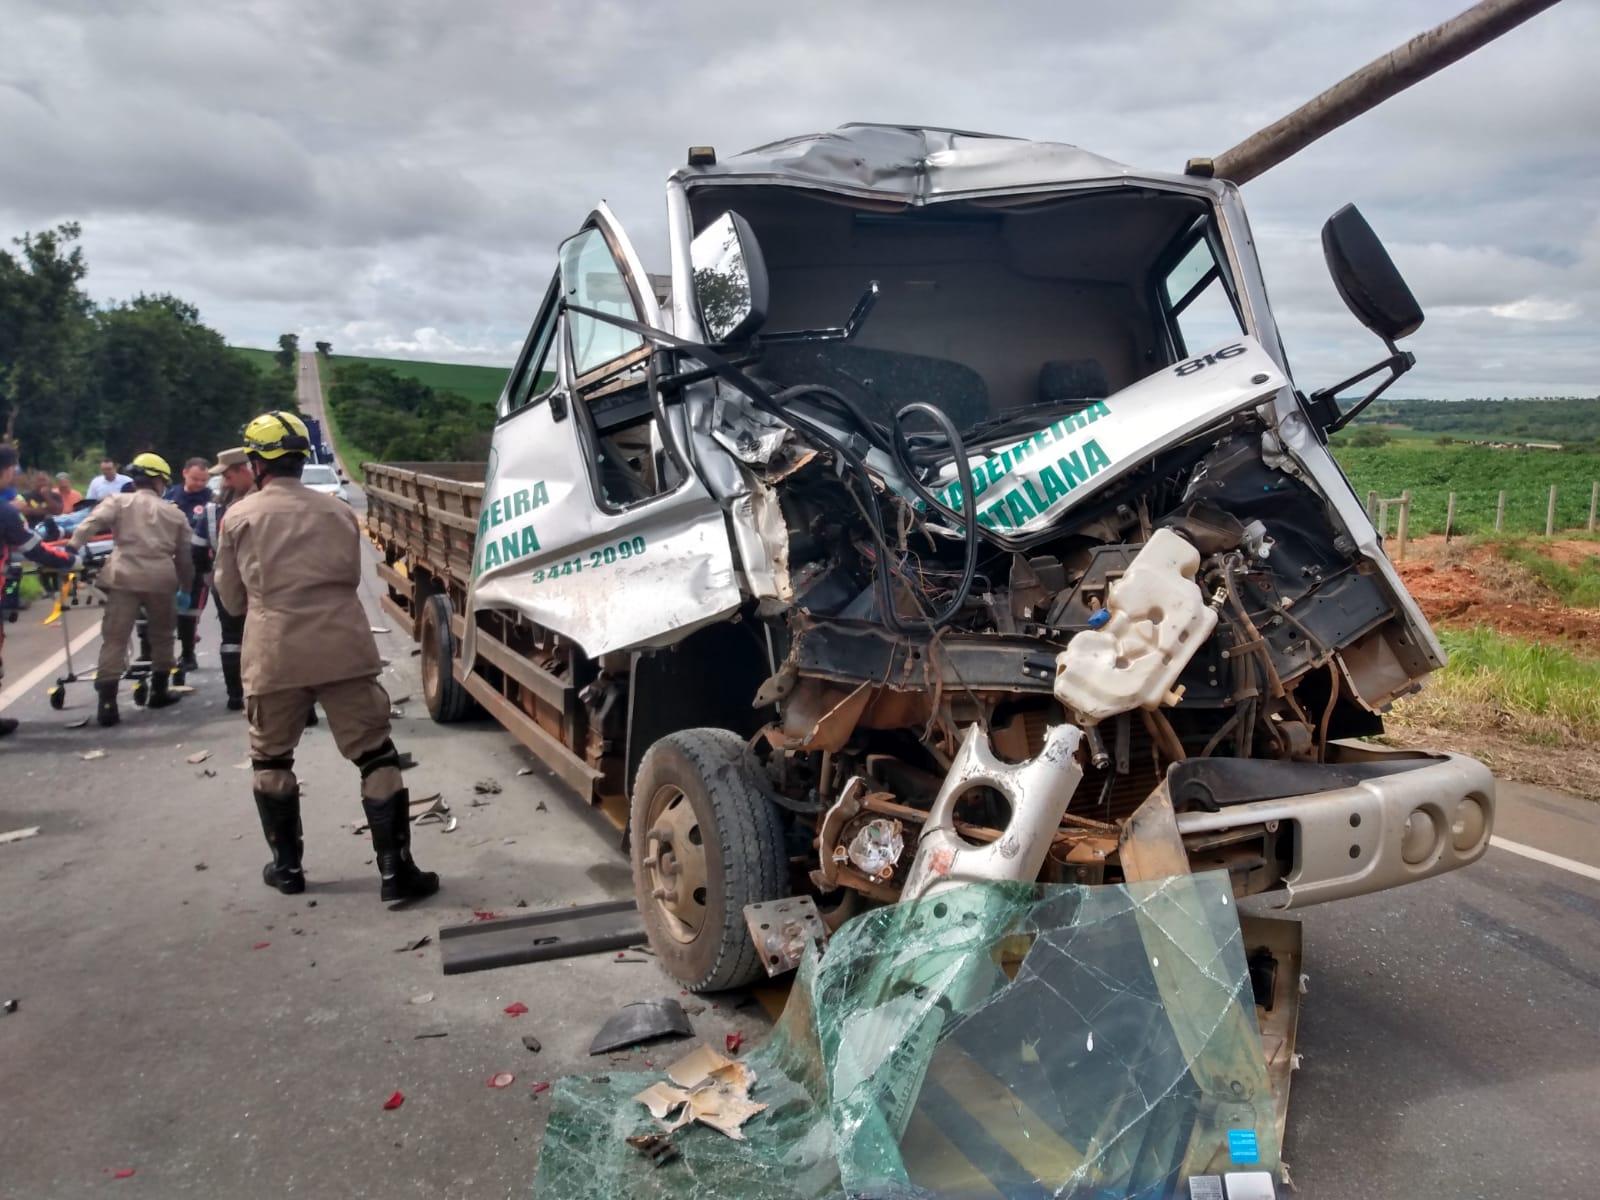 ACIDENTE: AJUDANTE DE DESCARGA DE MADEIREIRA MORRE EM TRÁGICO ACIDENTE NA GO 330 ENTRE CATALÃO/IPAMERI